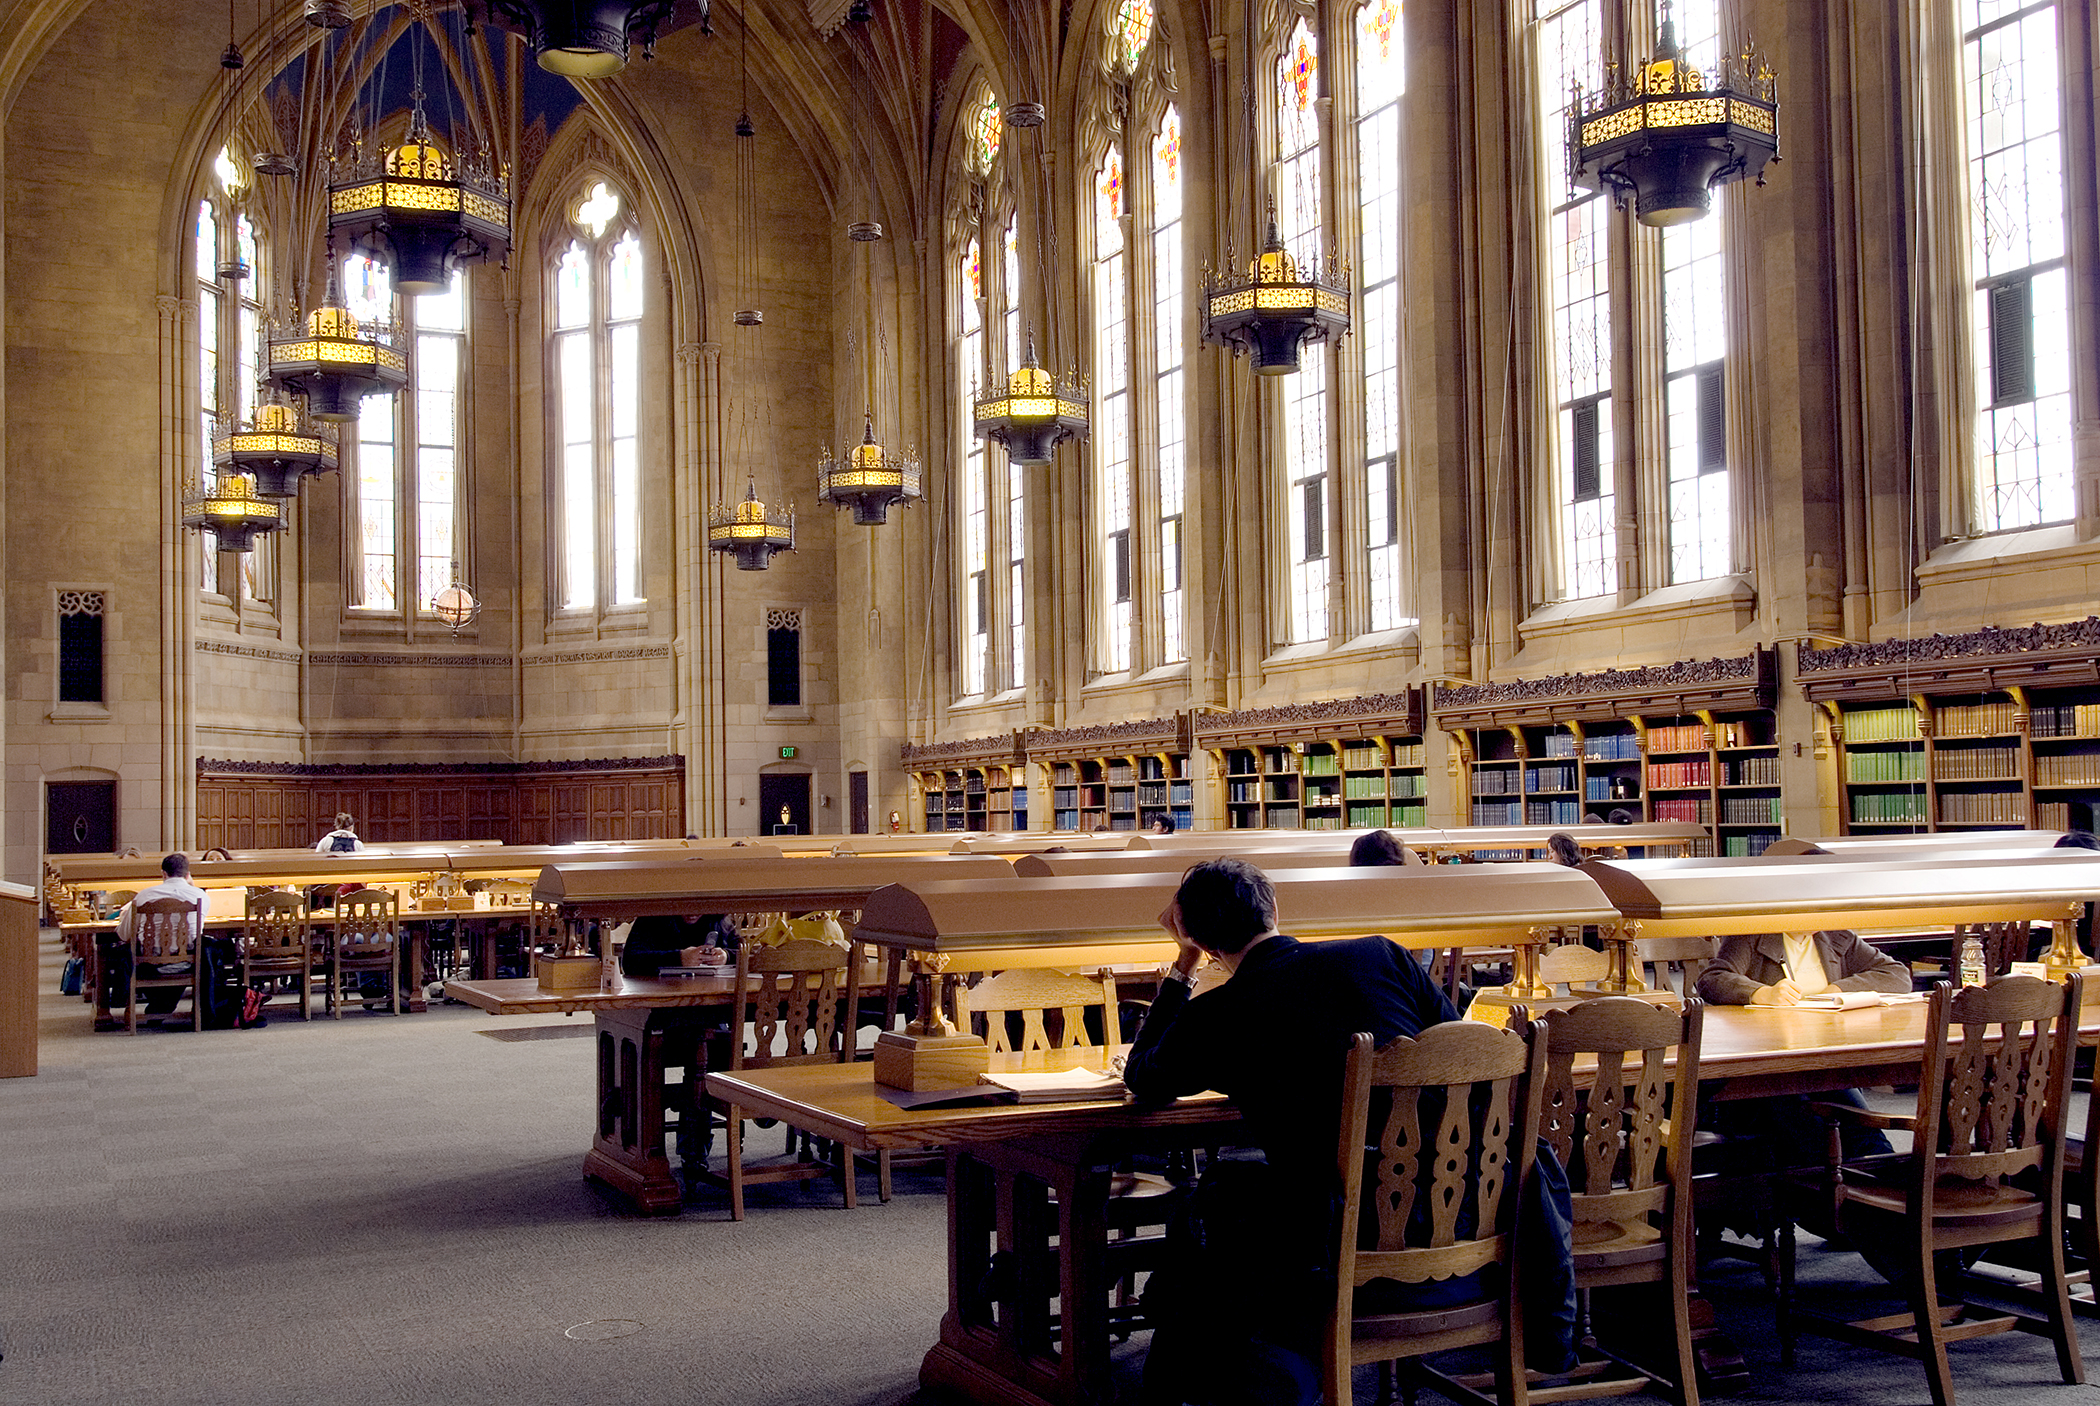 Mary Levin—University of Washington